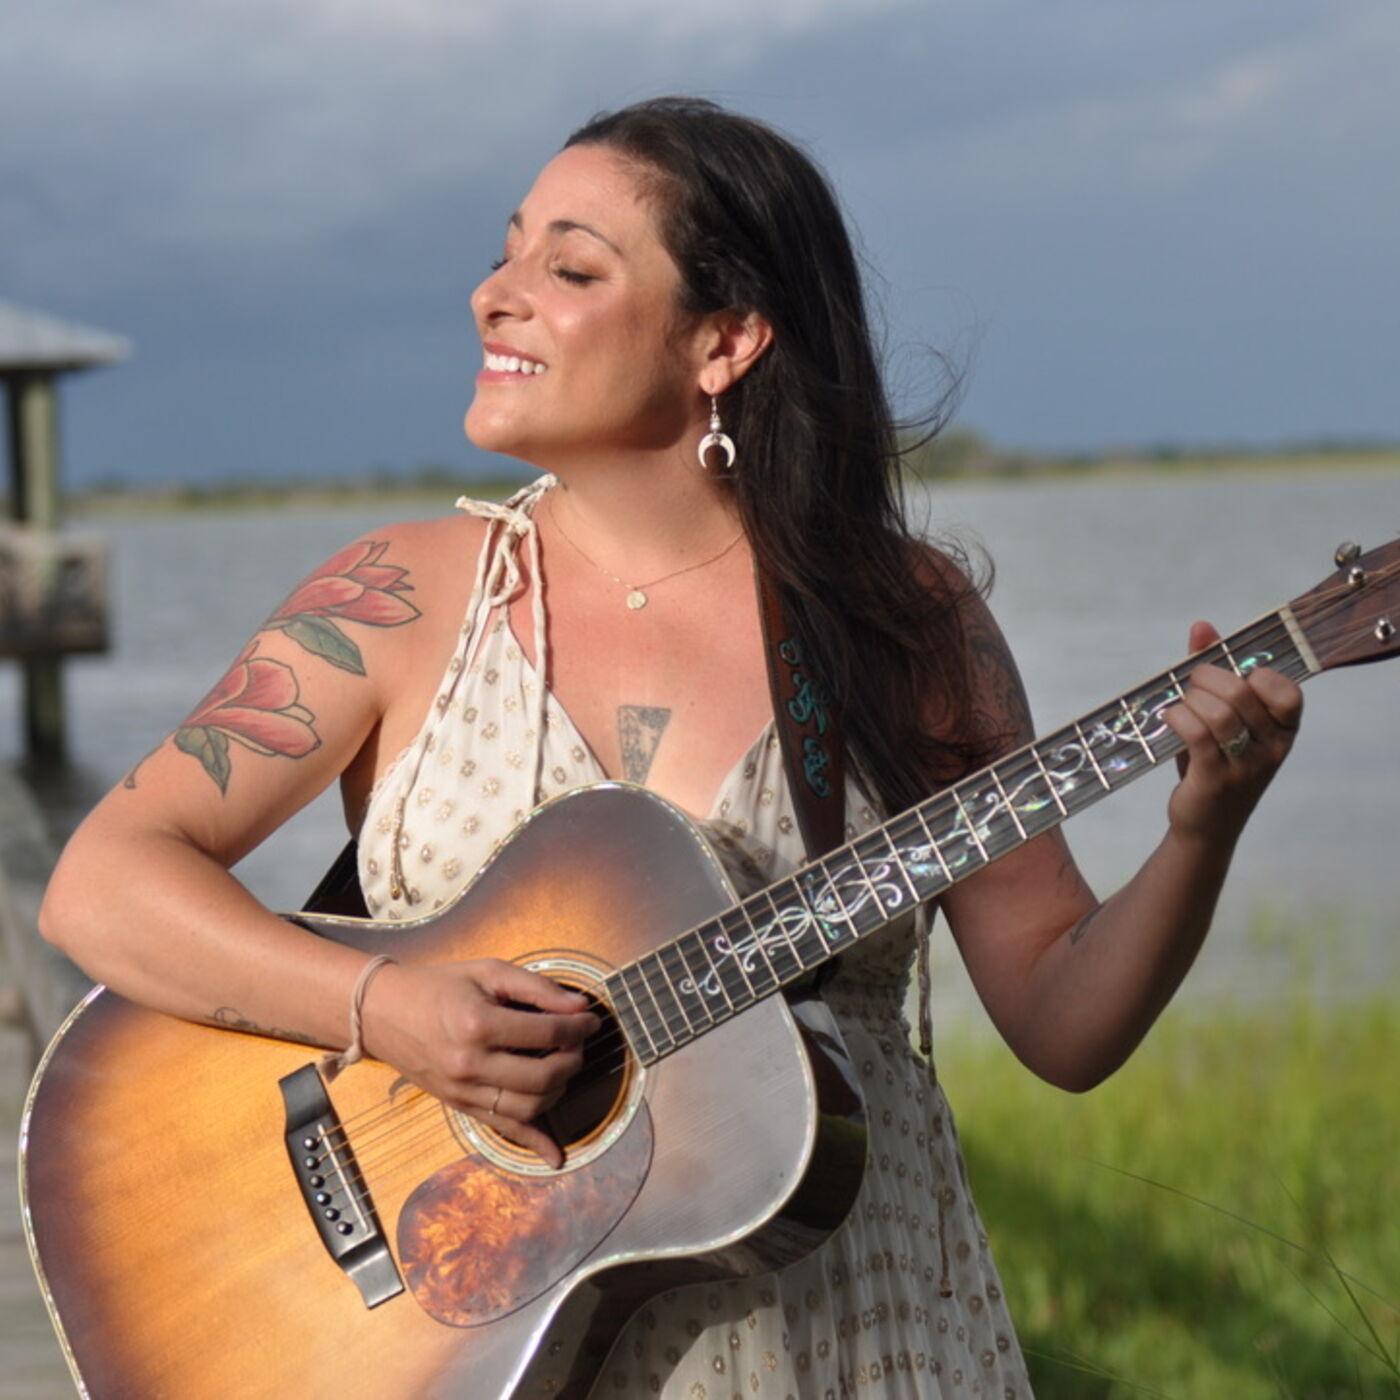 The Power of Music & Art Offers Hope With Singer/Songwriter Jane Kramer